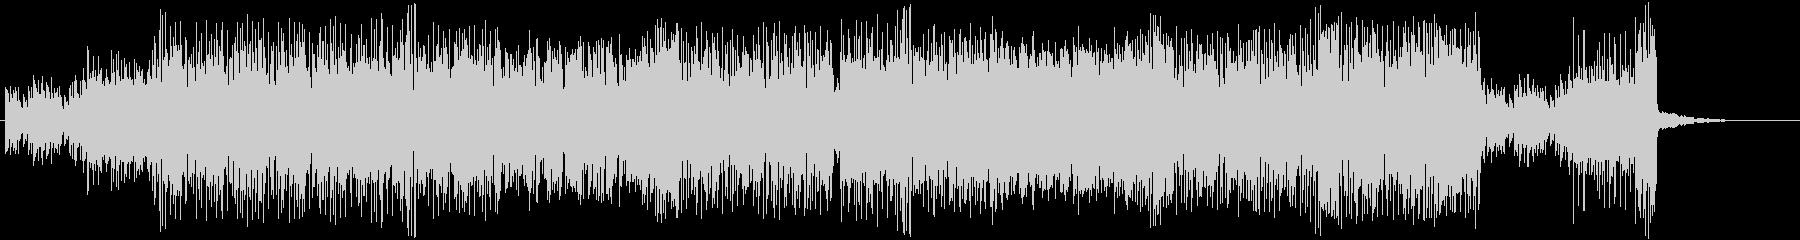 シンセサイザーのカラフルで楽しいポップスの未再生の波形